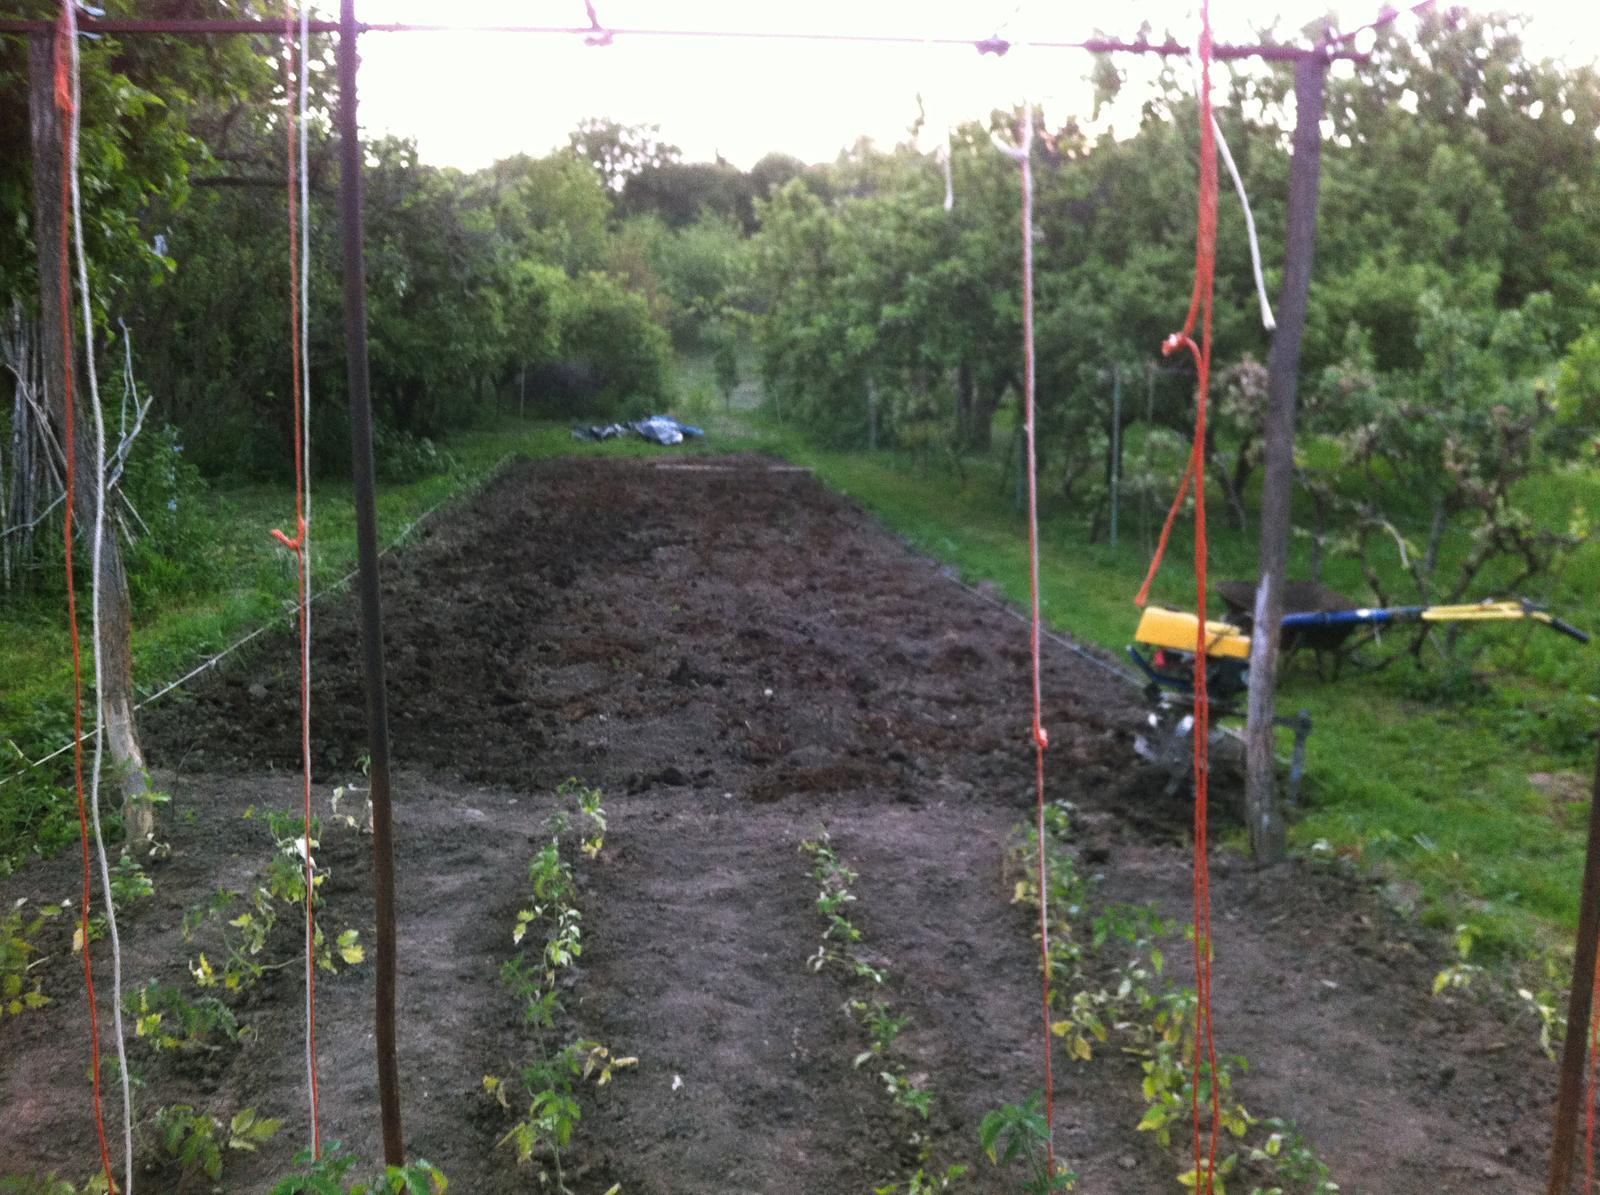 Vo víre kvetov... - 21 x 4 metre pôdy sa pripravuje na výsadbu - s pomocou môjho tatka a mamky. Celá táto plocha bude zakrytá agrofóliou. V tejto časti záhrady budem pestovať cínie